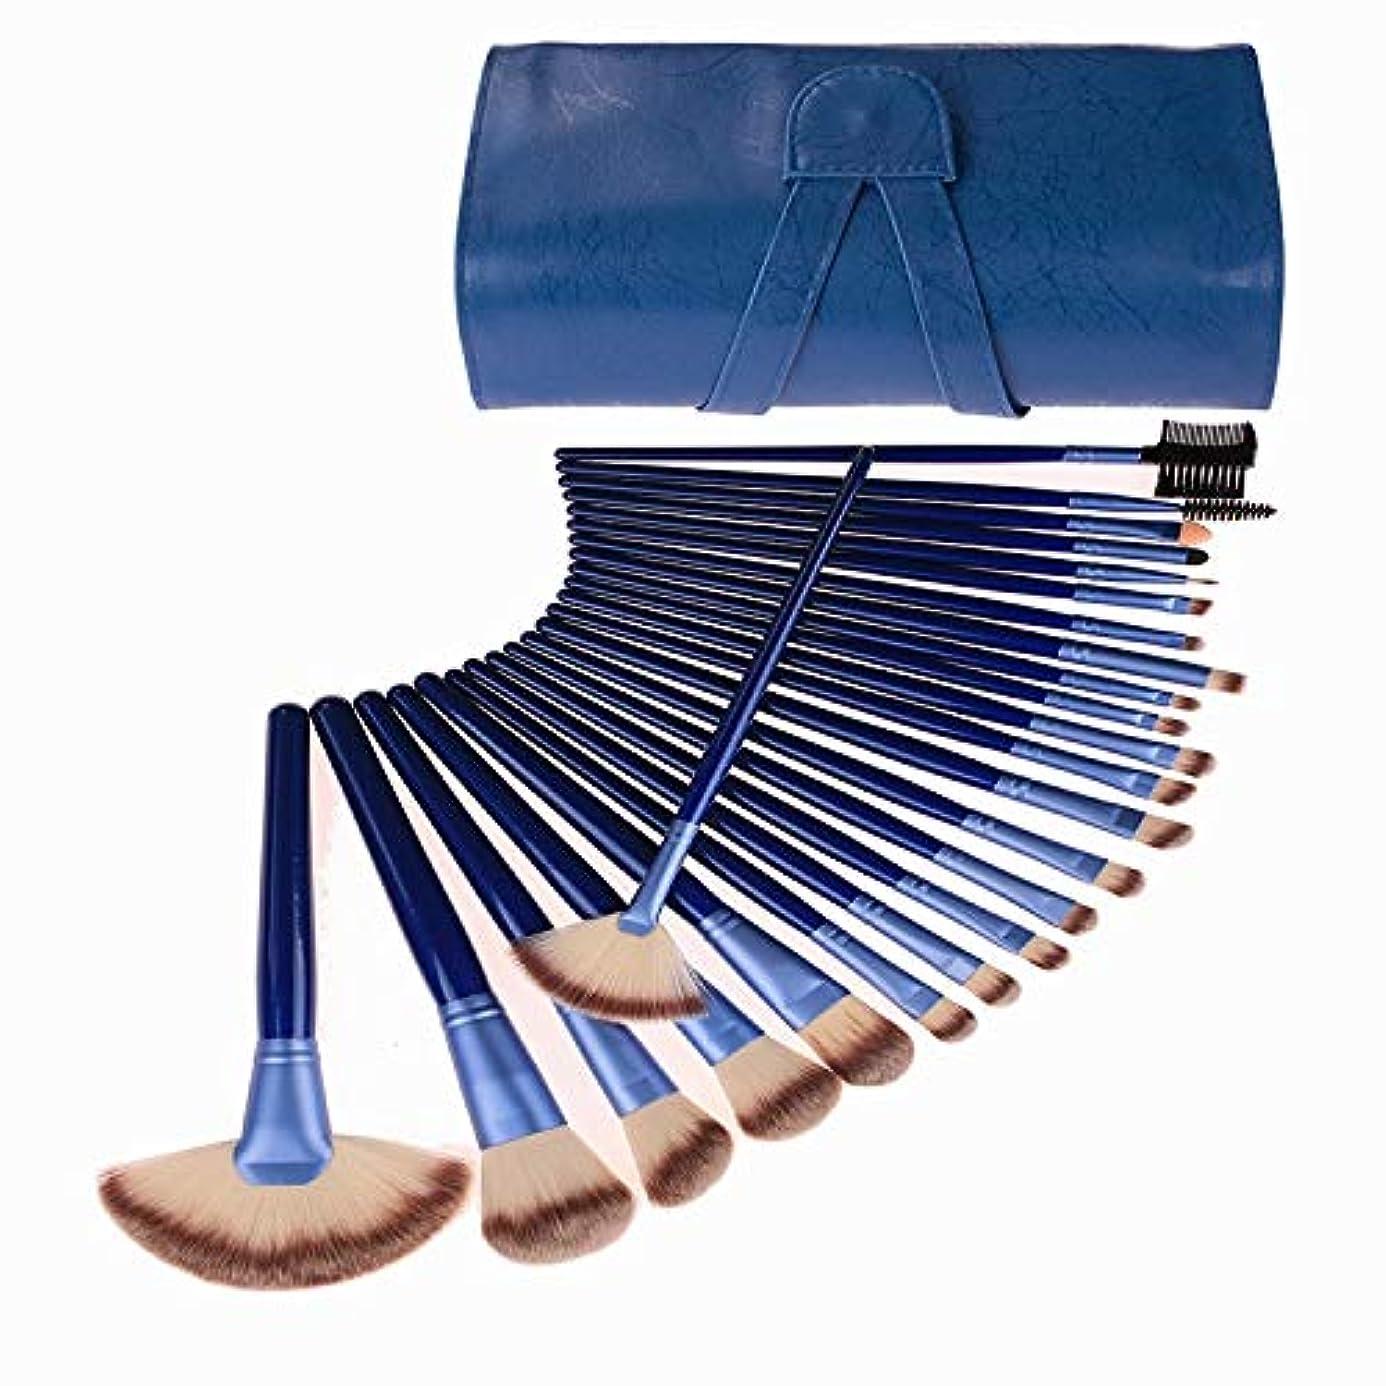 取り出す白菜写真撮影化粧ブラシスタートメーカー24個天然竹化粧ブラシセットビーガンプロ化粧品歌舞伎ブラシ化粧ブラシセット非常に柔らかい化粧ブラシセット美容スポンジ (Color : Blue)